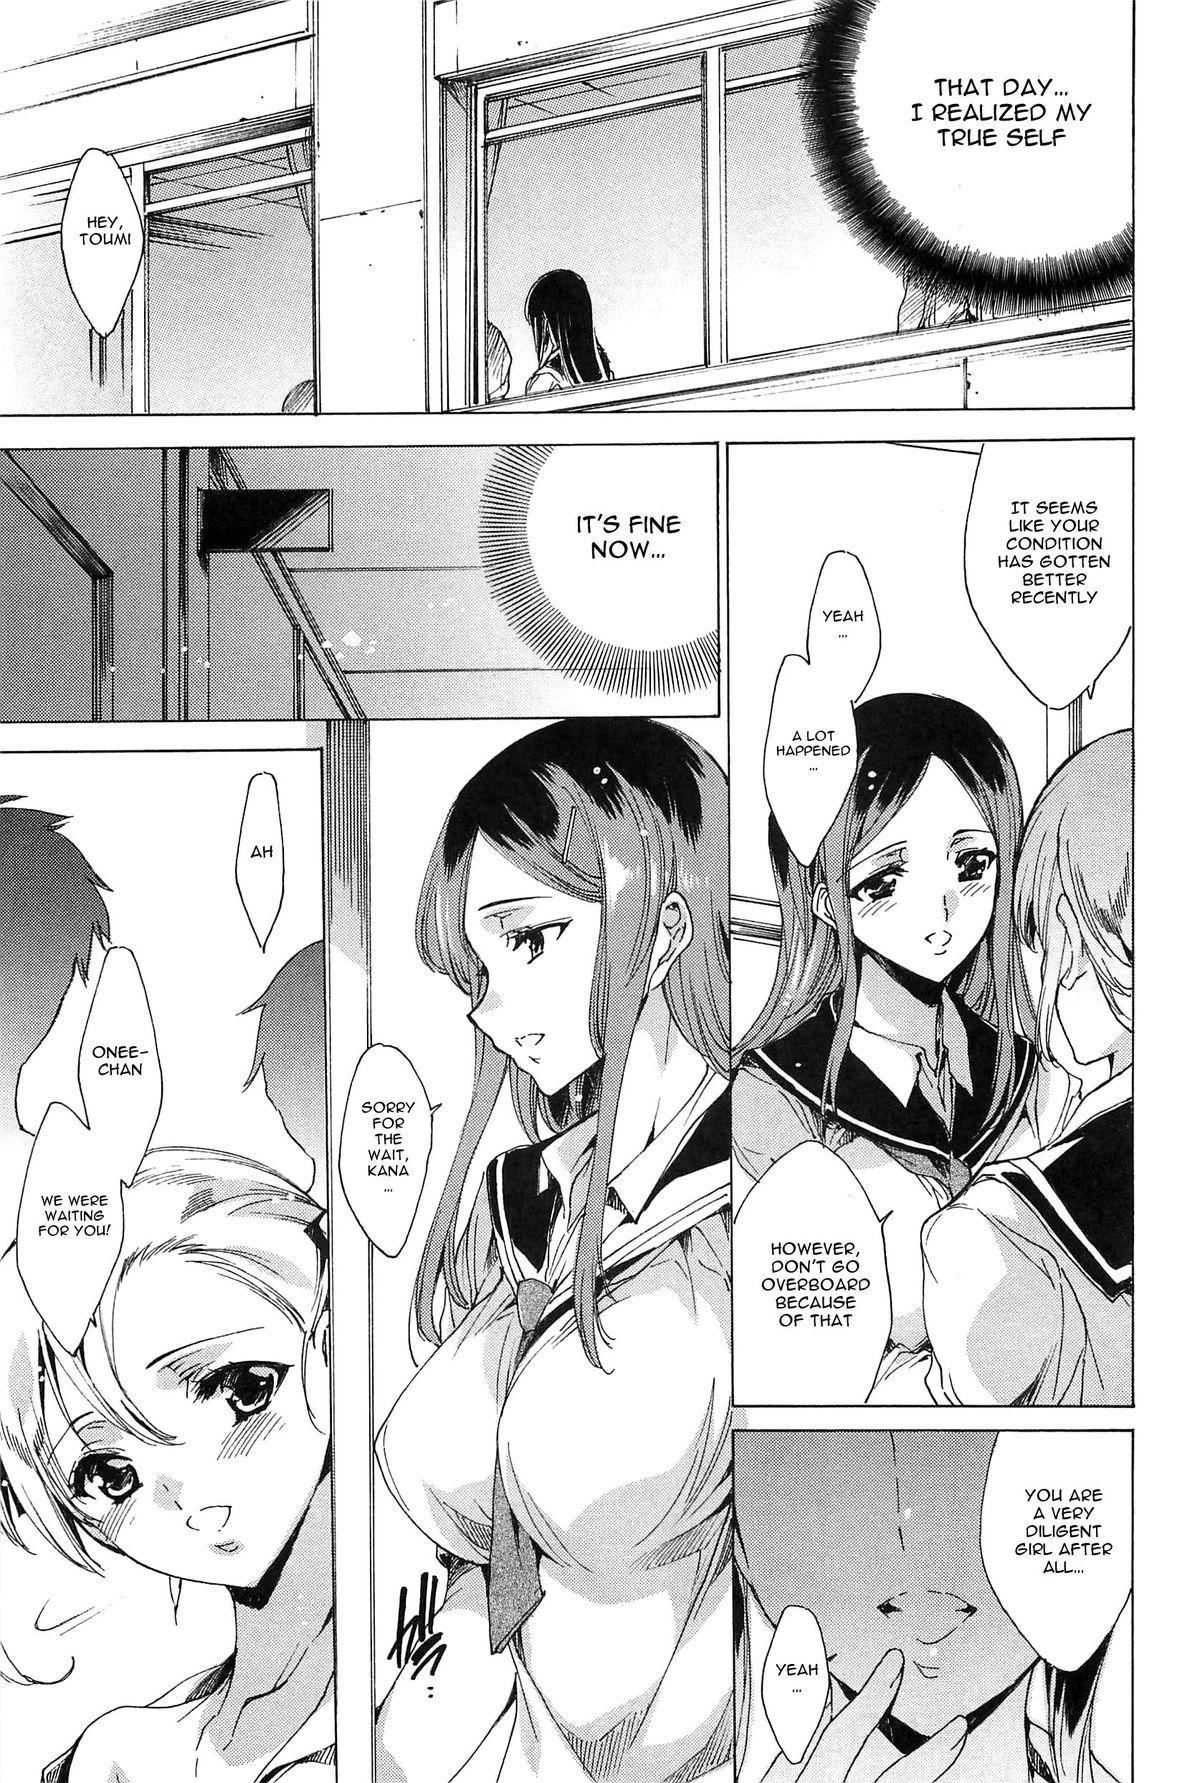 [Yuiga Naoha] Nikuyoku Rensa - NTR Kanojo   Chains of Lust - NTR Girlfriend [English] {doujin-moe.us} 162